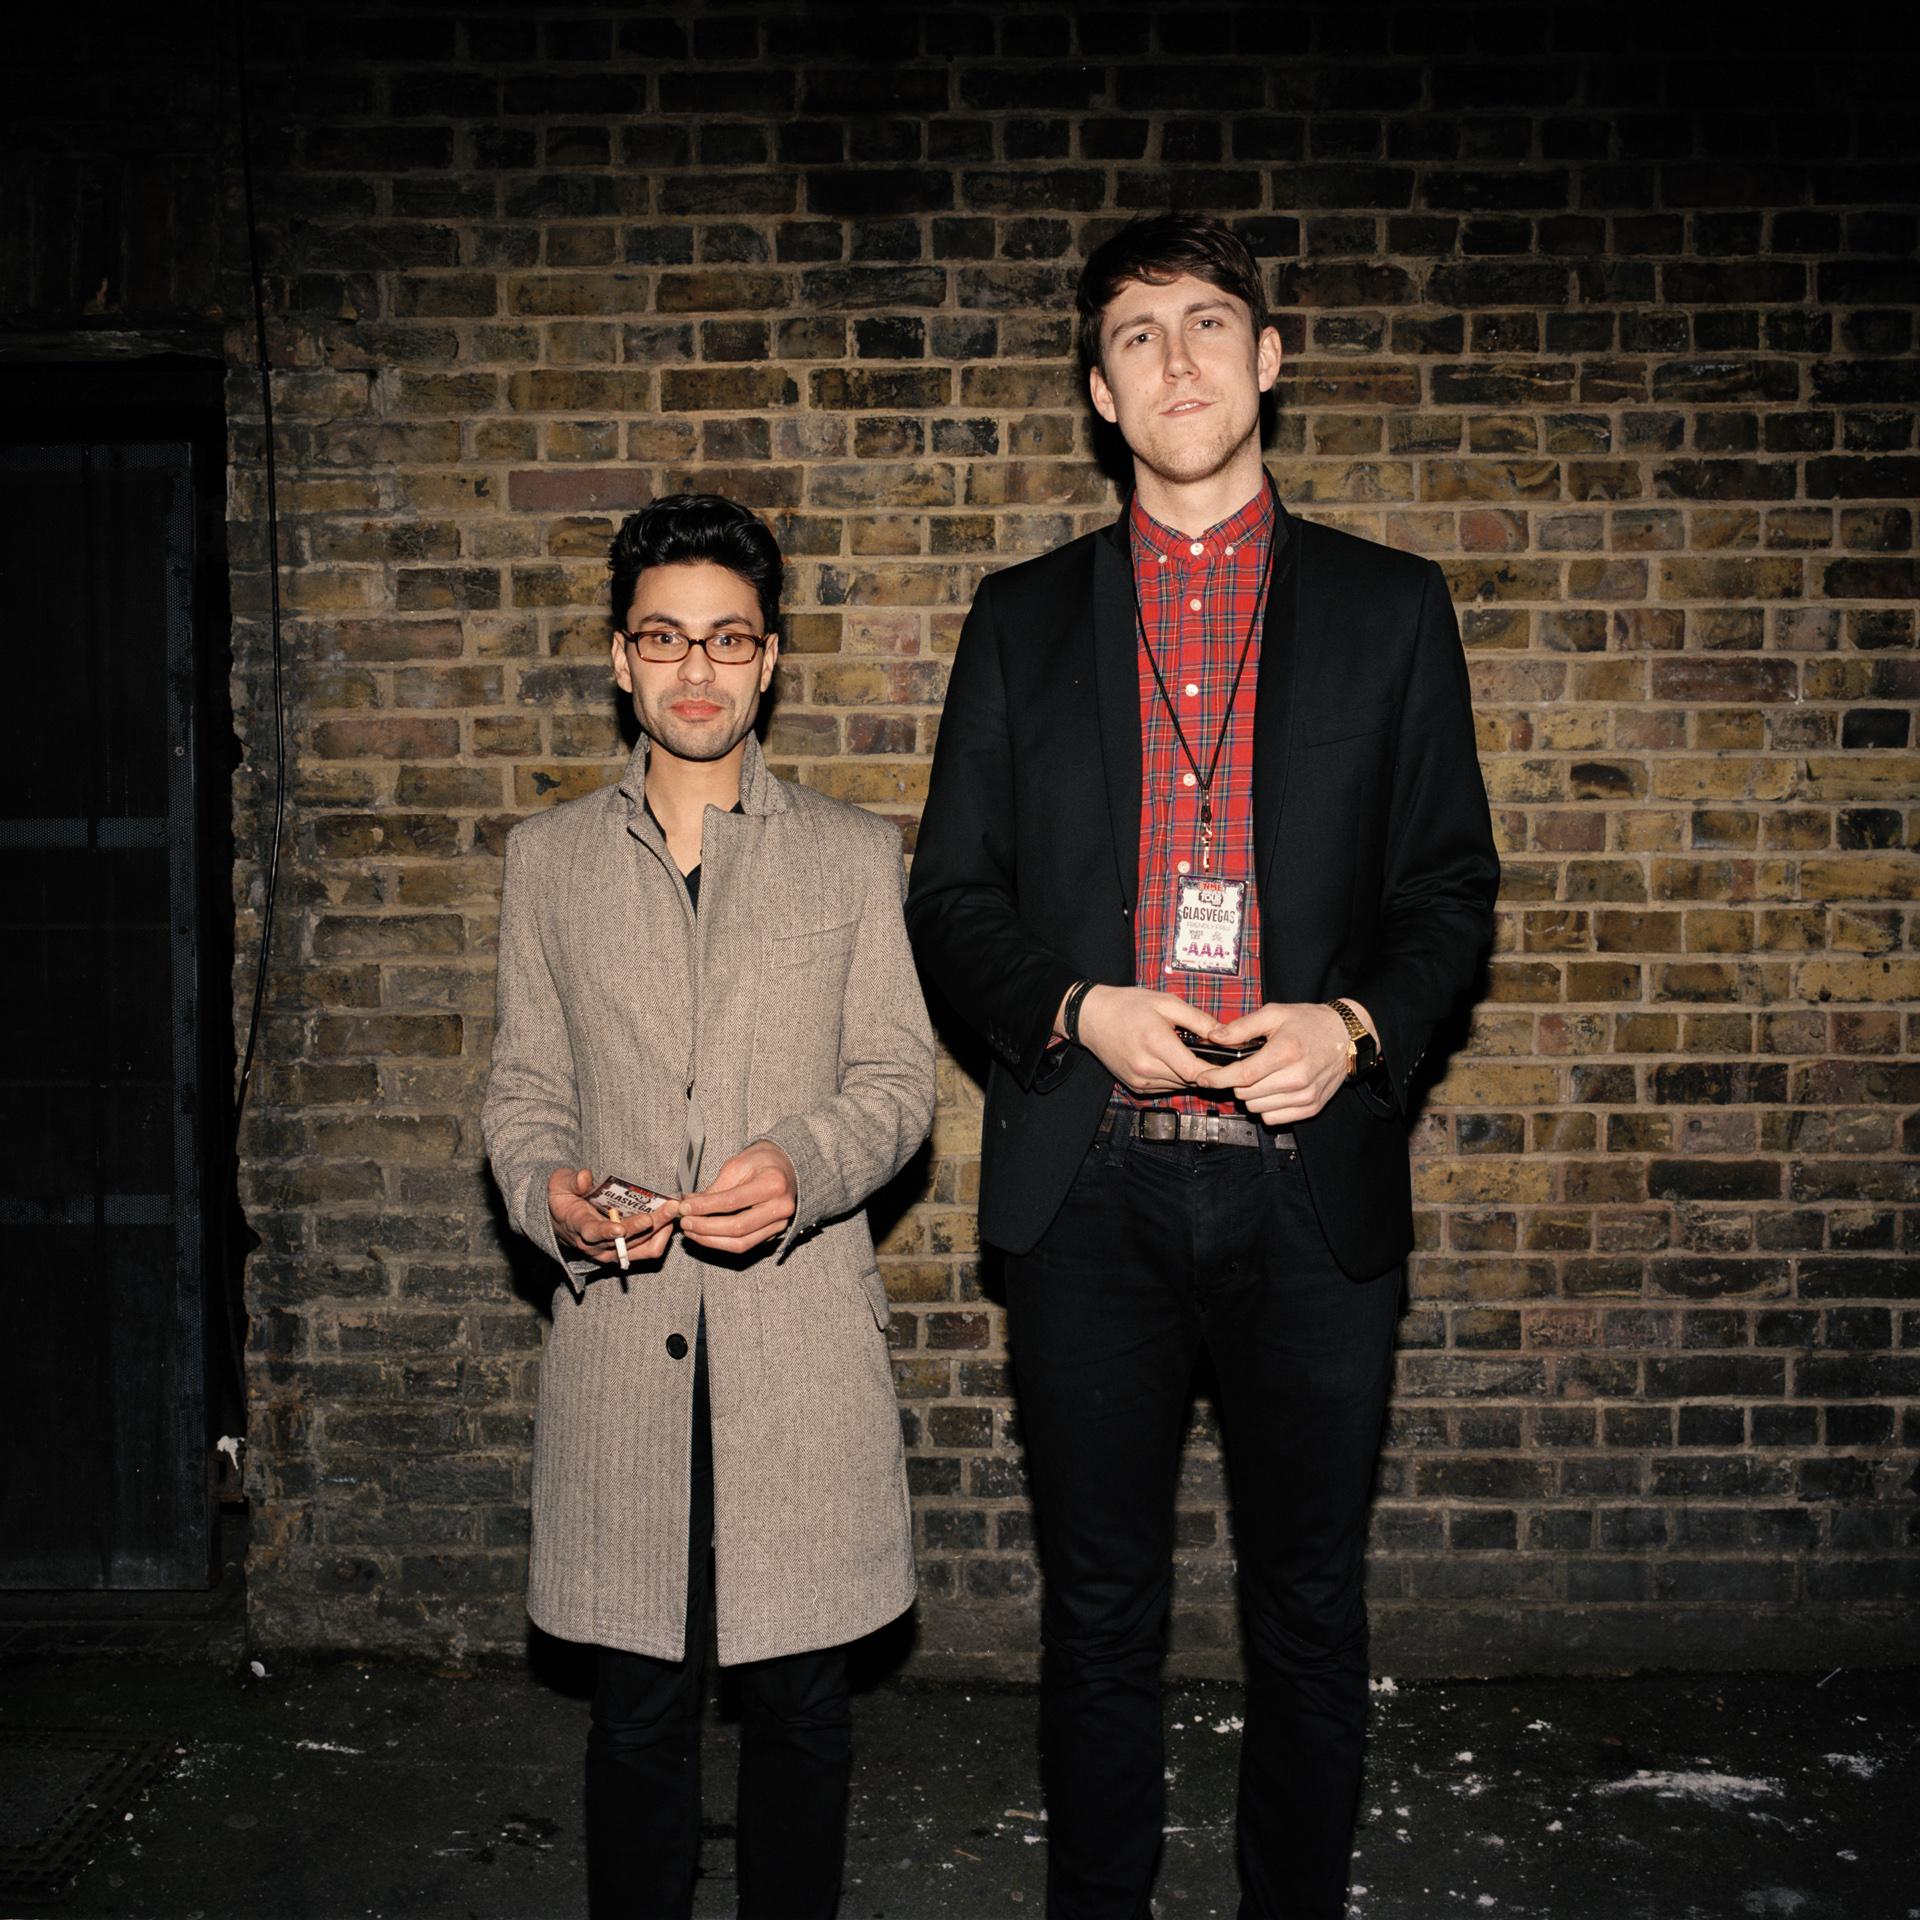 NME Shockwave Awards